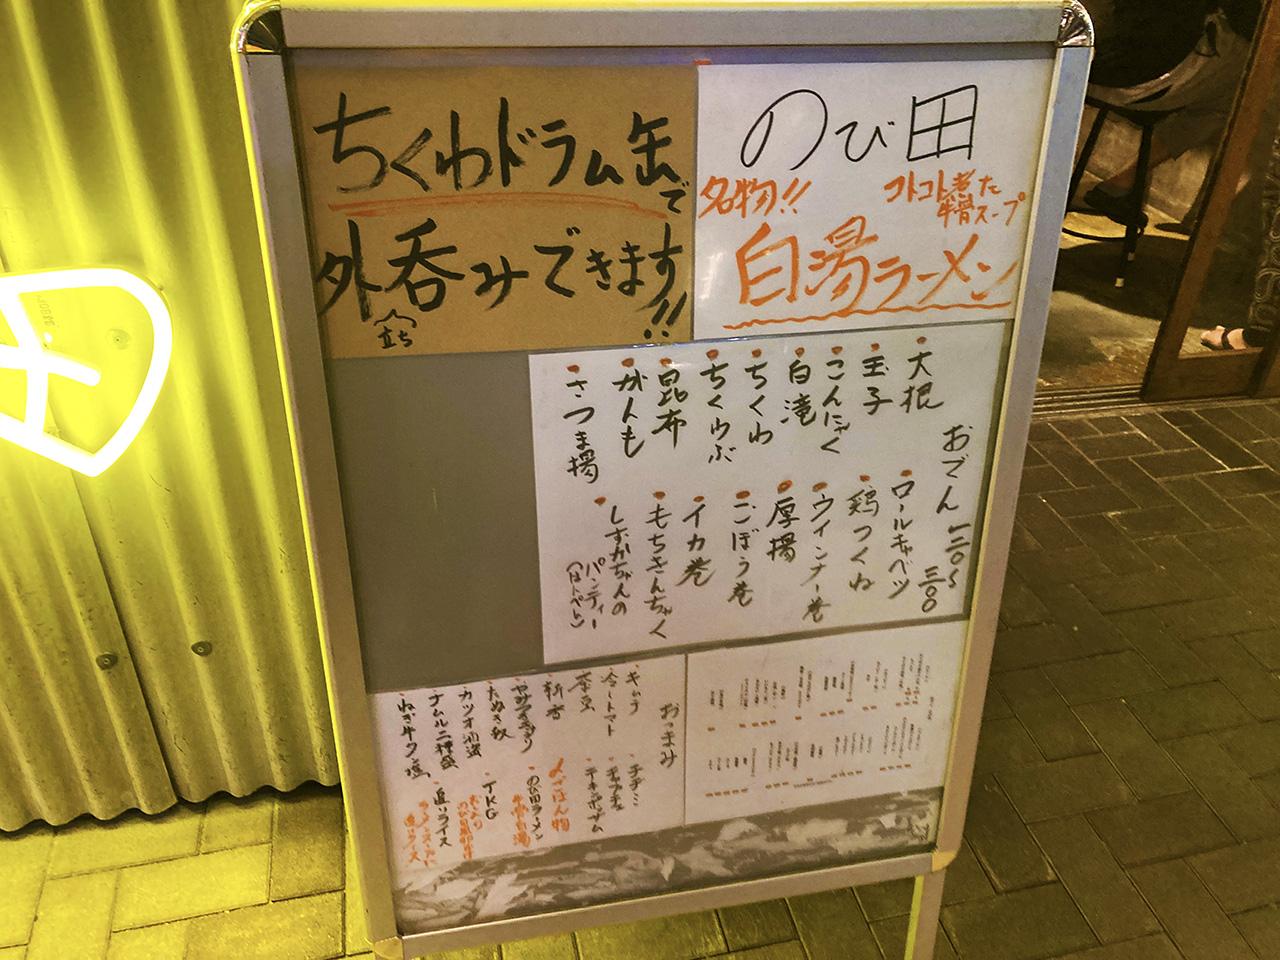 のび田聖蹟桜ヶ丘で新規オープン相次ぐ!3~4月出店情報まとめ